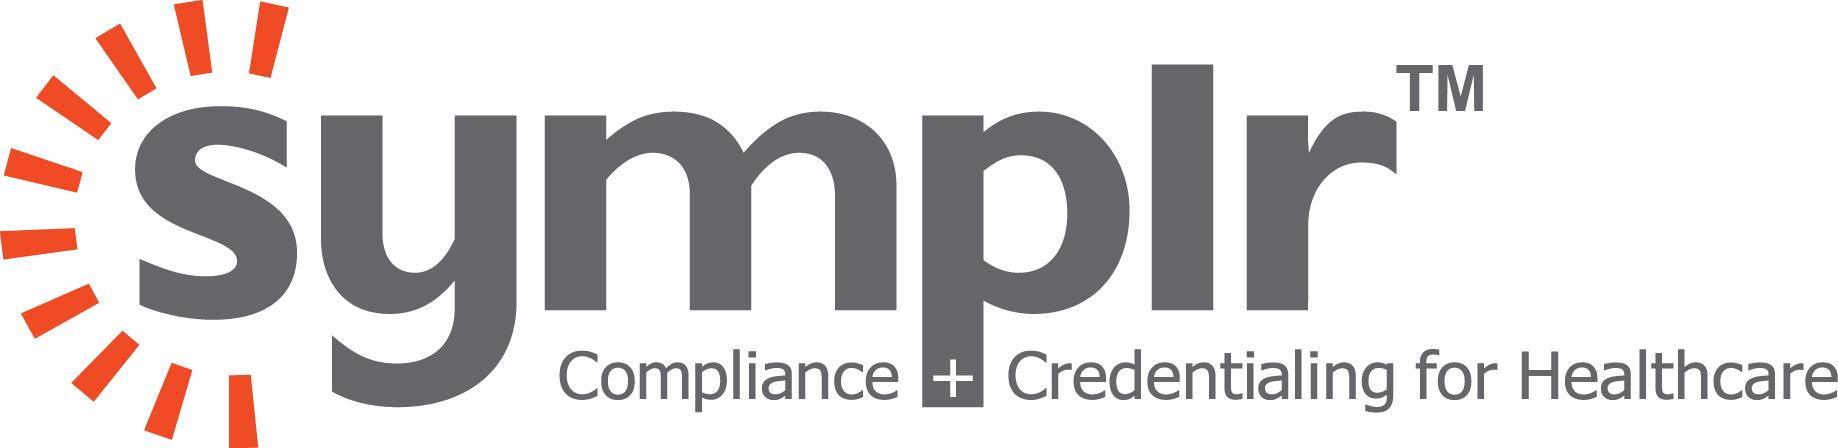 Symplr_Logo_Tag_TM_RGB